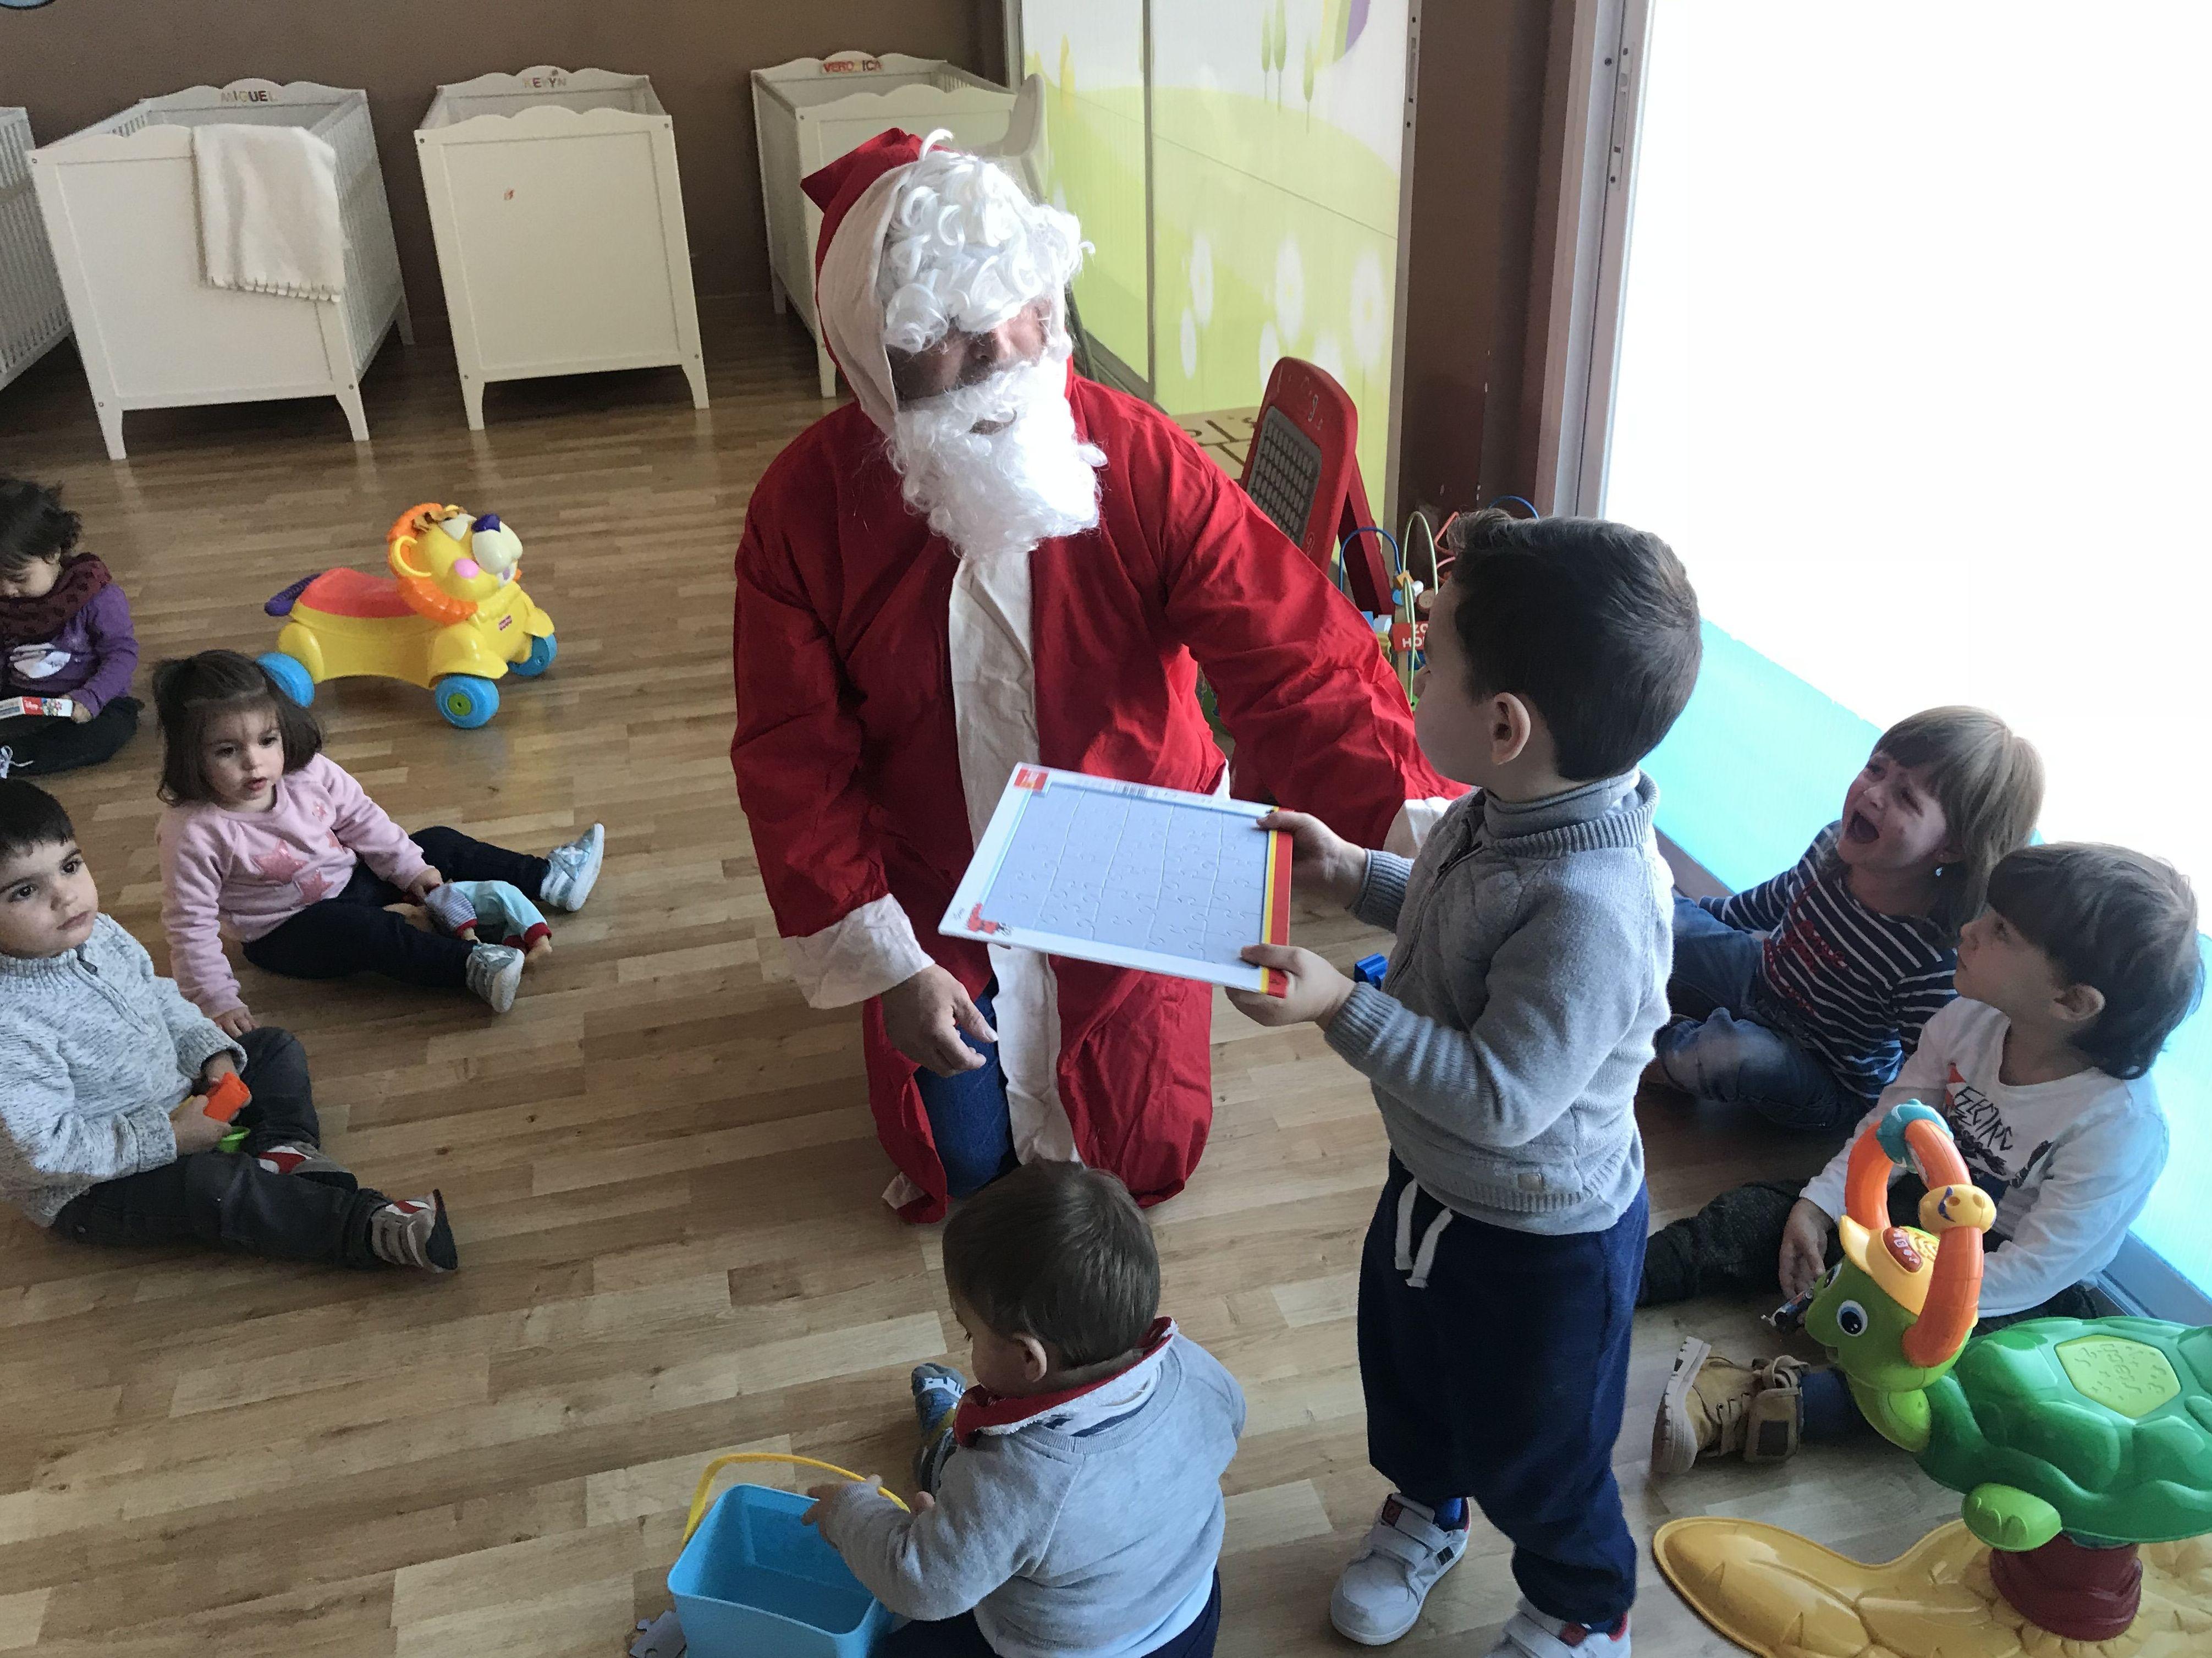 SORPRESAAAAA !!!        Papa Noel cargado de regalos